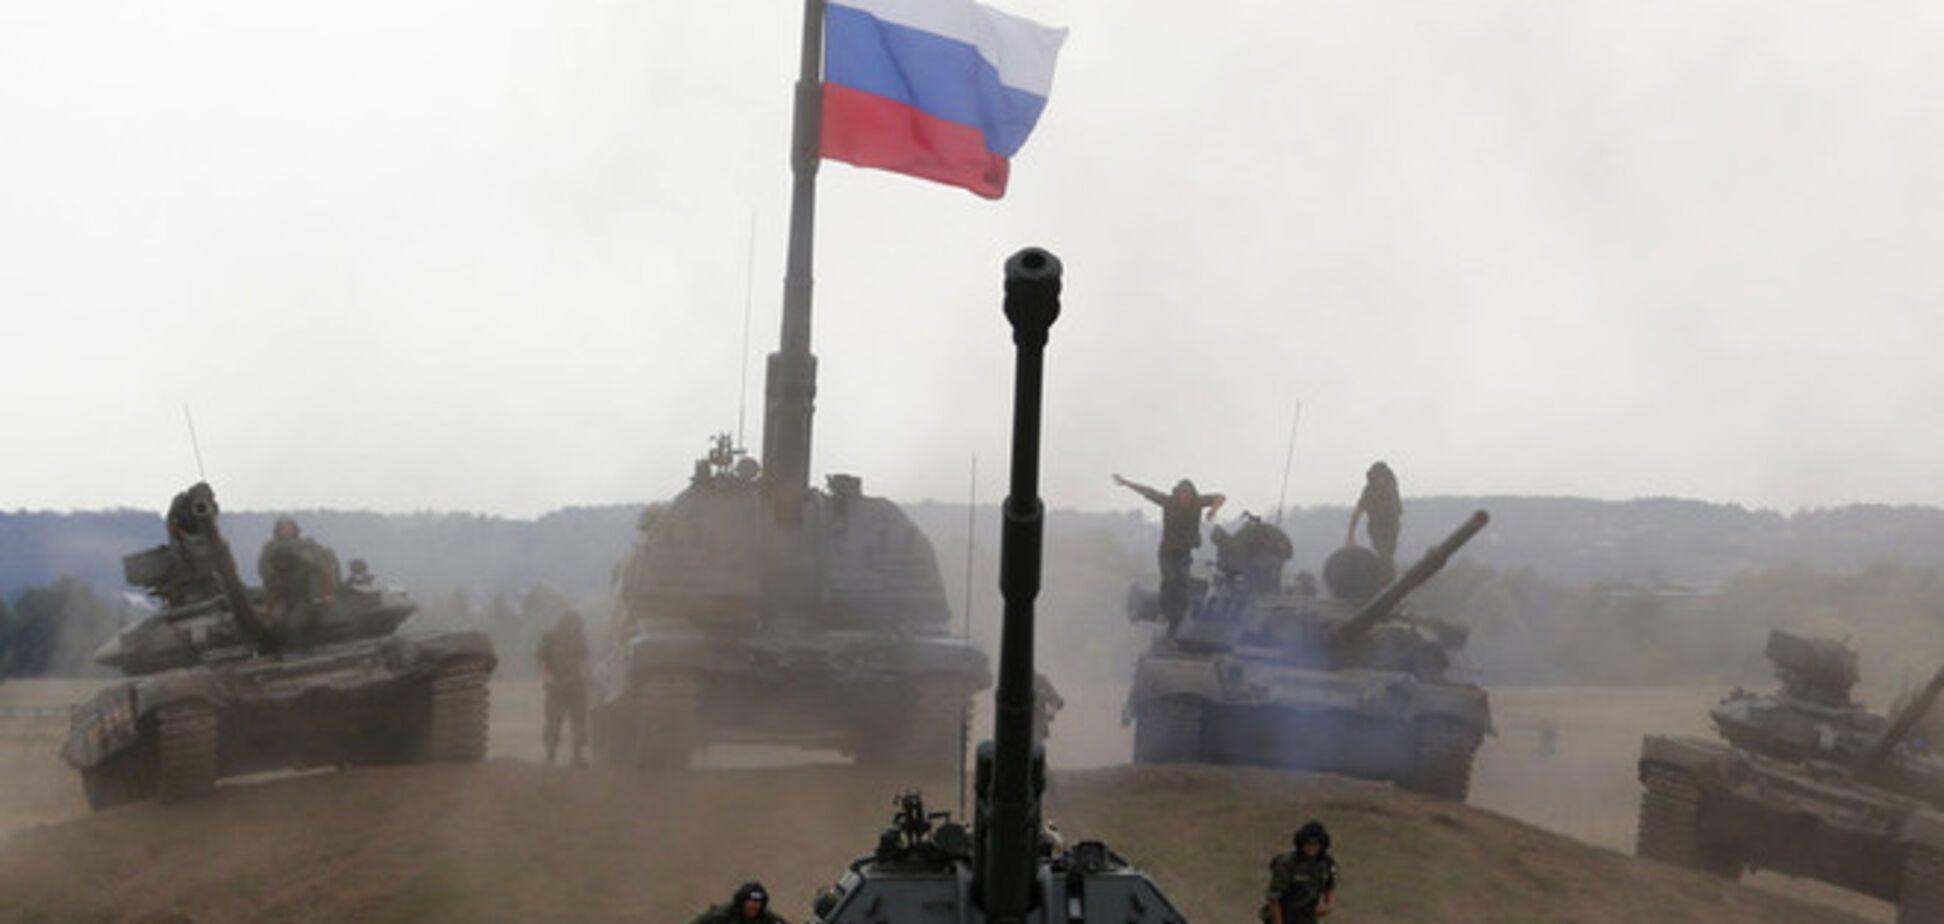 Российские войска отводят крупнокалиберную артиллерию от линии фронта - Тымчук